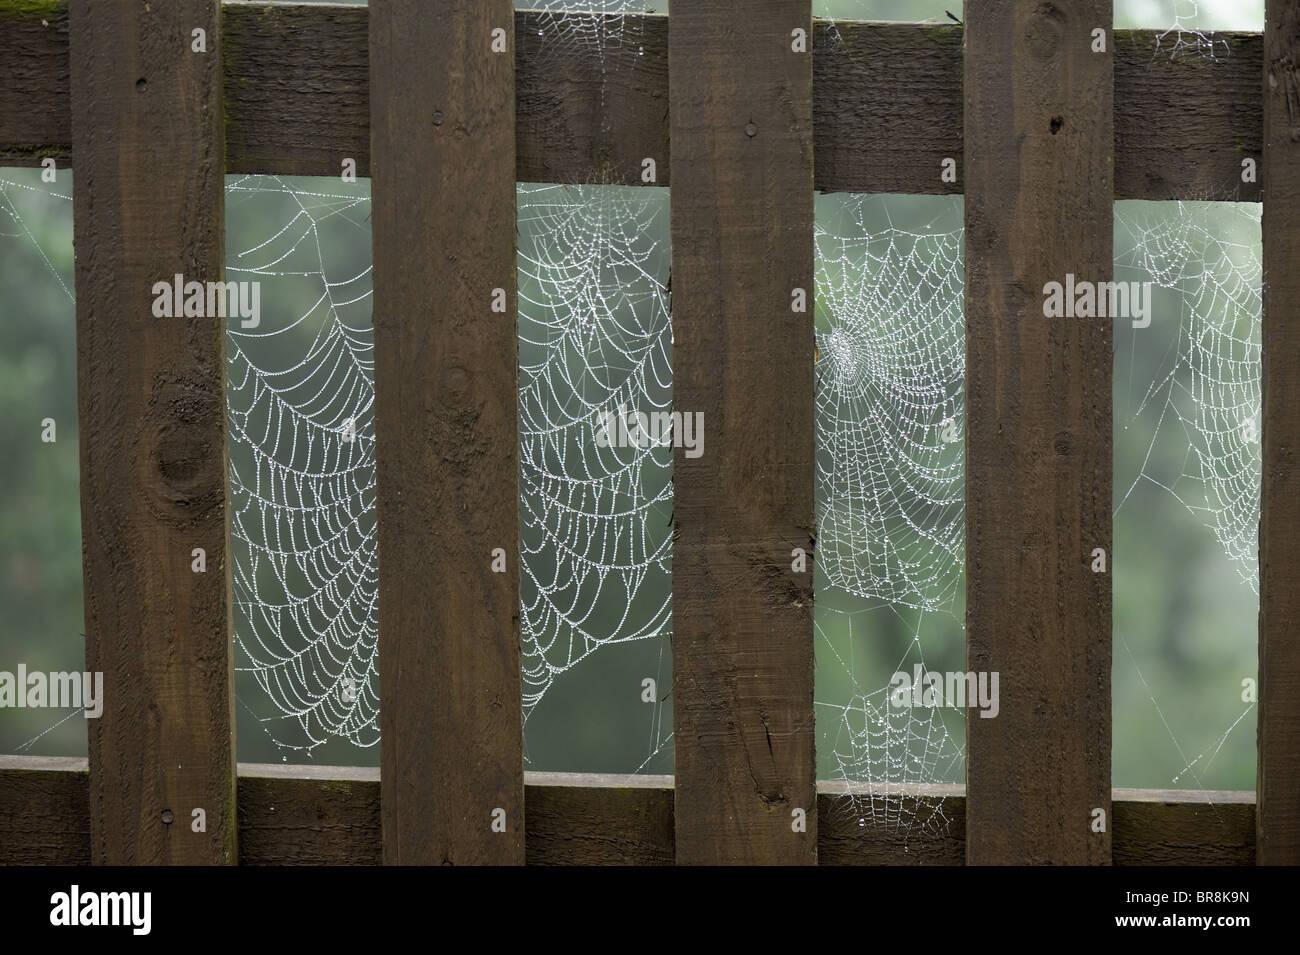 Las arañas de jardín web (Araneus diadematus) en una valla de madera en una mañana brumosa Imagen De Stock